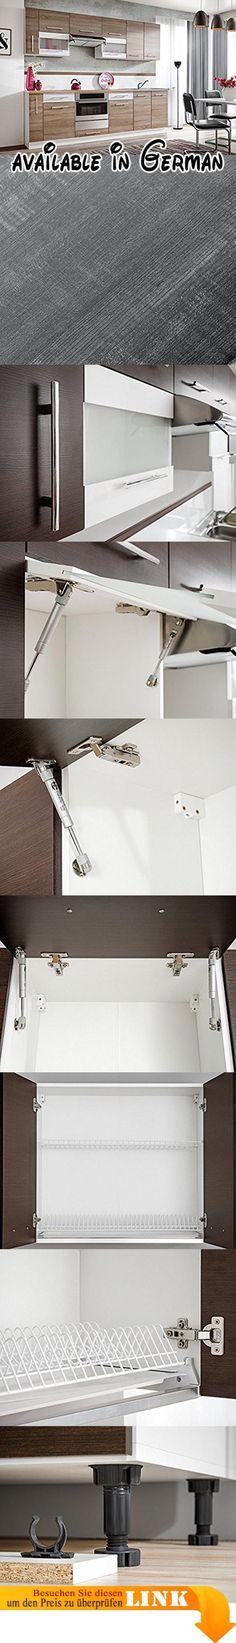 B00DF1BZ6Y  Nostagie Regal 170cm Eisenregal Blumenregal - arbeitsplatten küche 70 cm tief